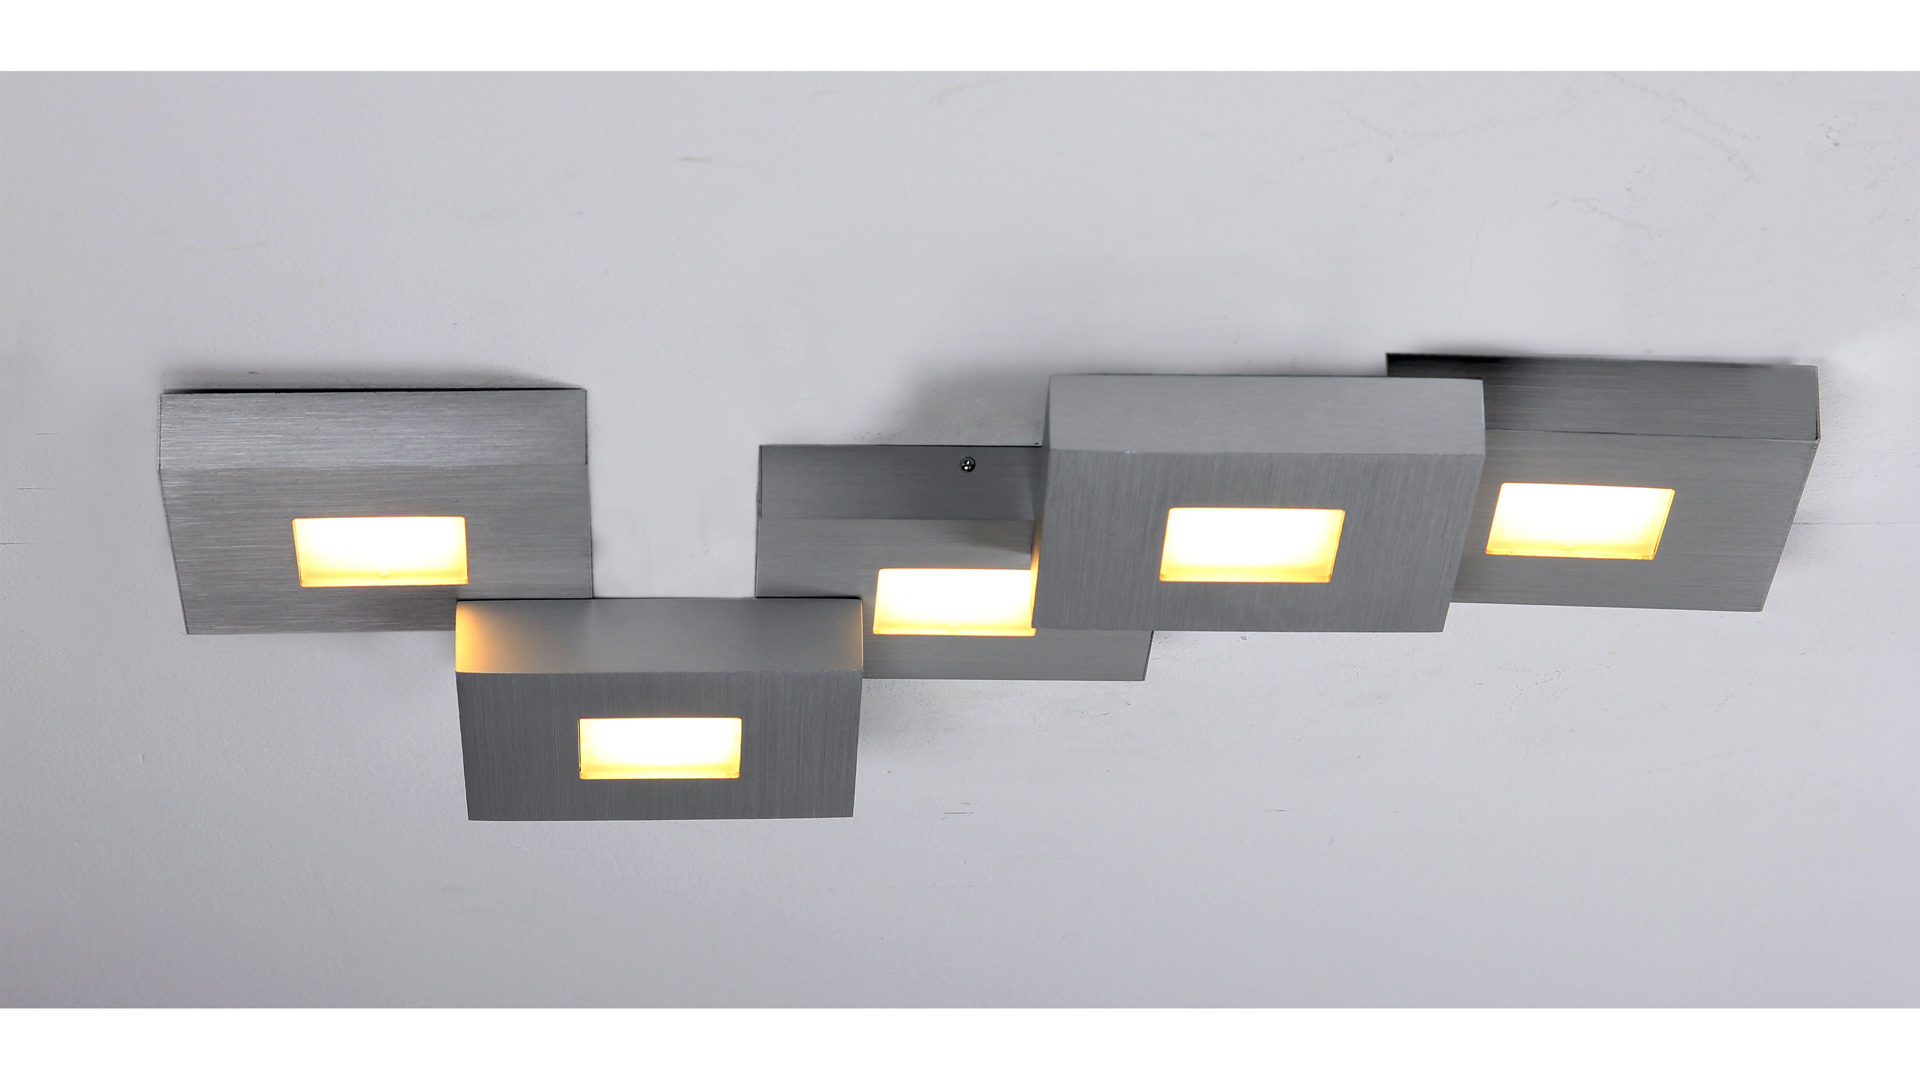 mbel frauendorfer amberg rume wohnzimmer lampen leuchten bopp led deckenleuchte cubus in alufarben aluminium lnge ca - Deckenleuchten Wohnzimmer Landhausstil